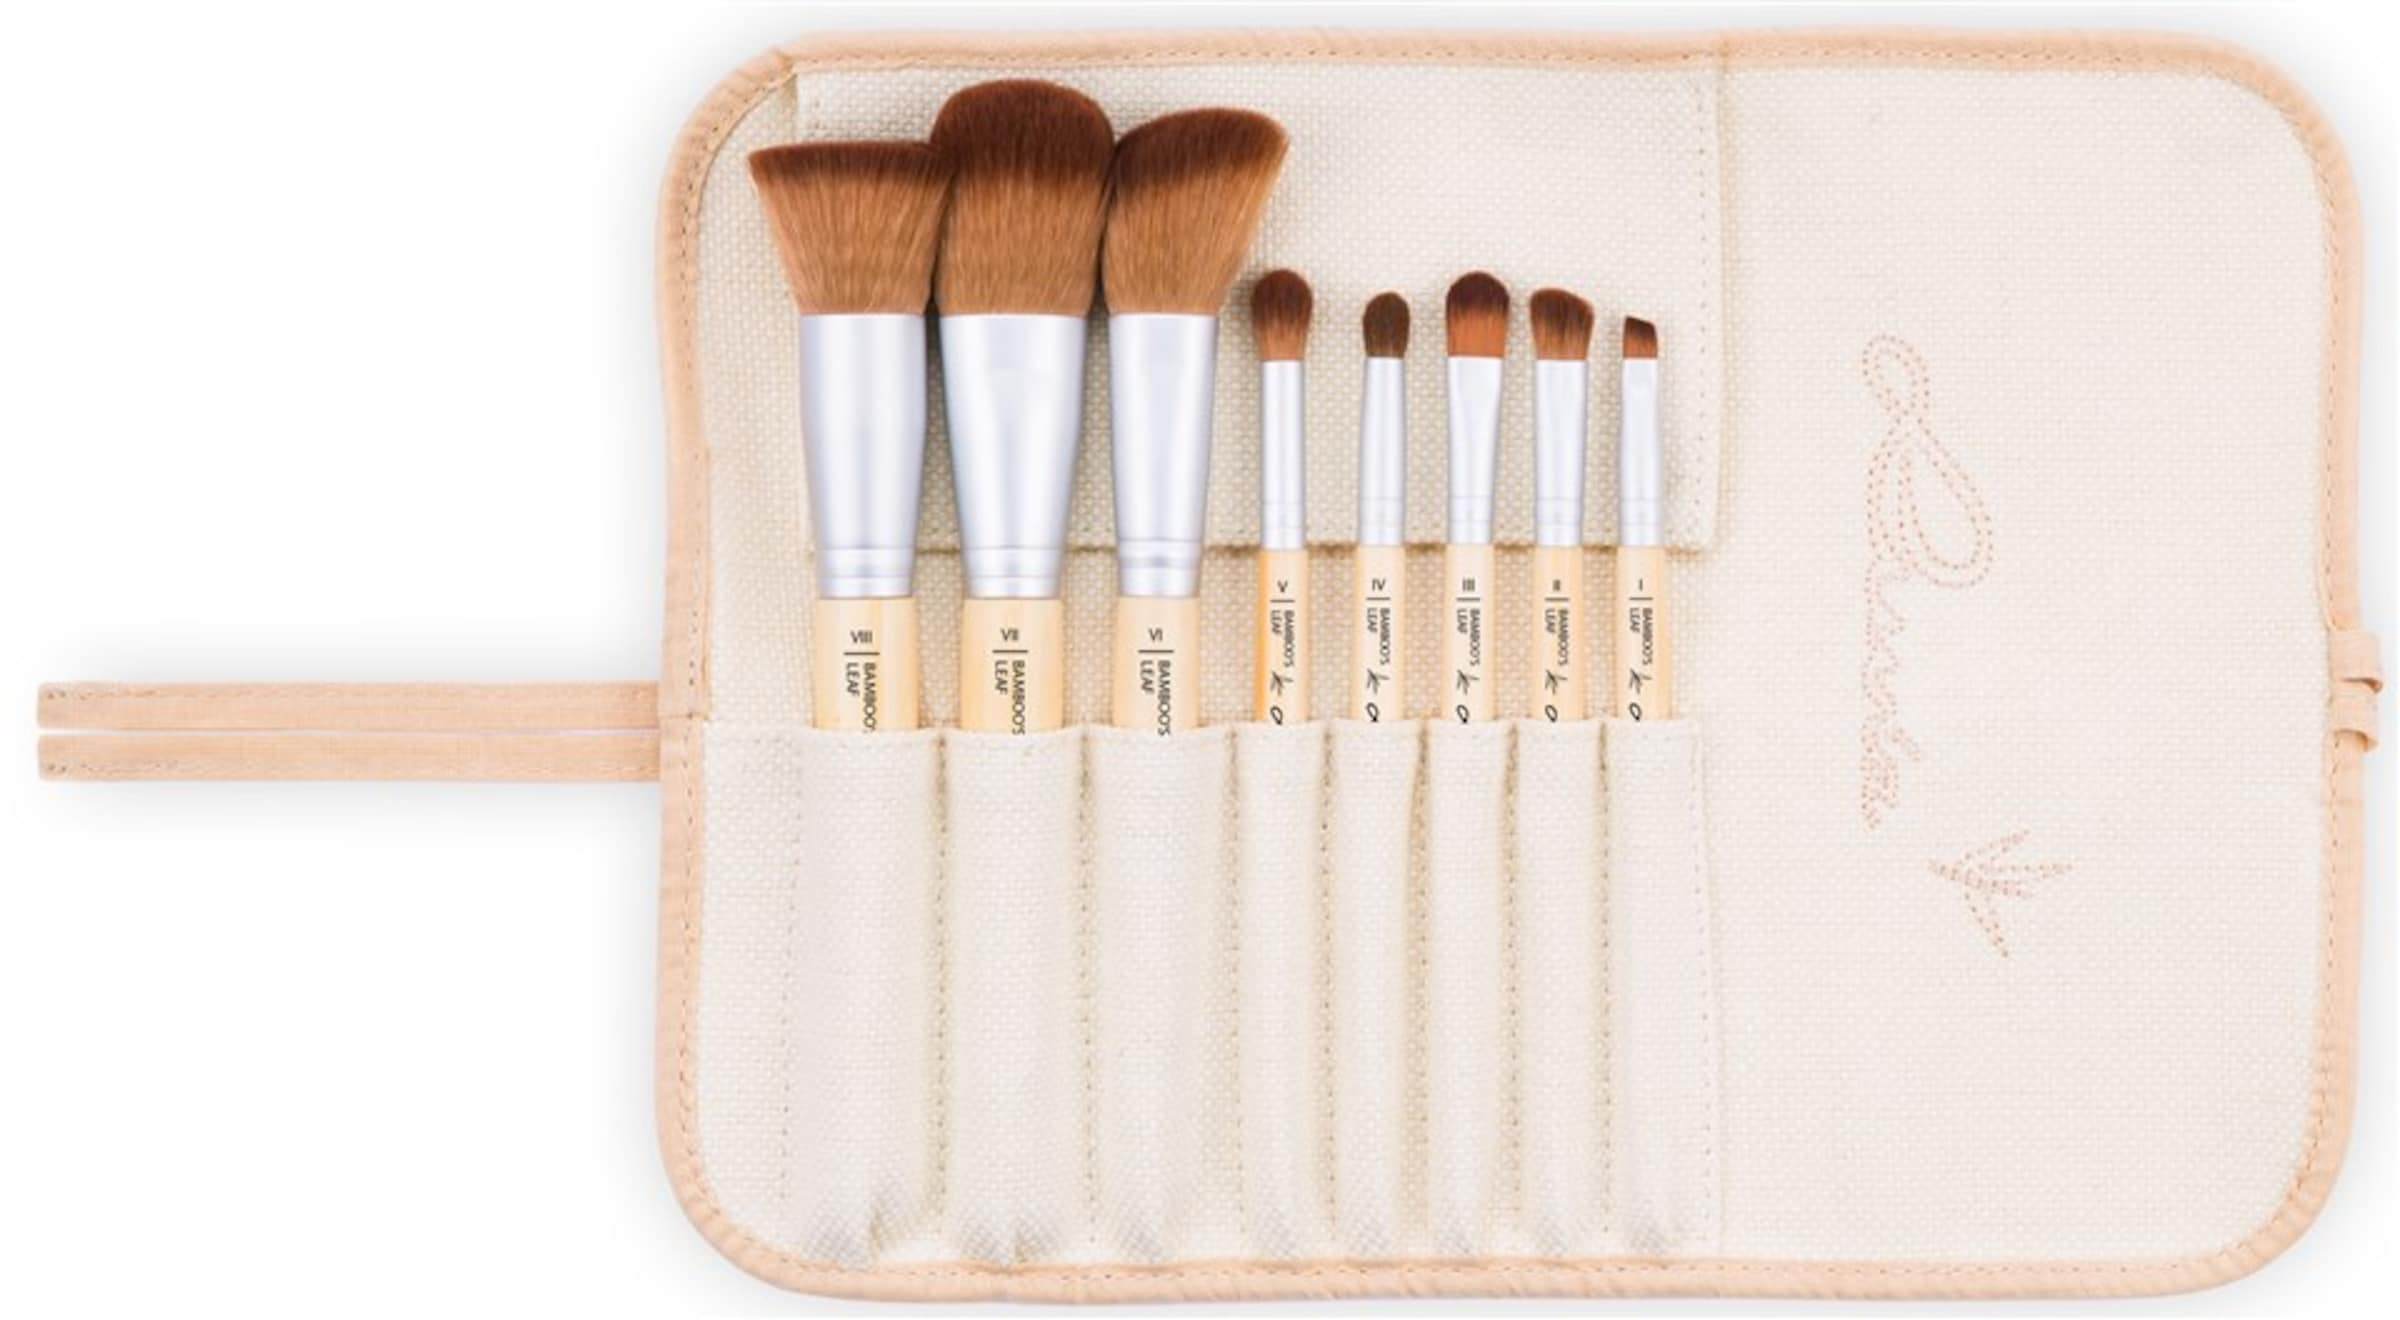 Leaf' Aufbewahrungstasche 8 Kosmetikpinsel und Pinseln Veganes mit Cosmetics Set 'Bamboo's Luvia gxwp0Eqvn